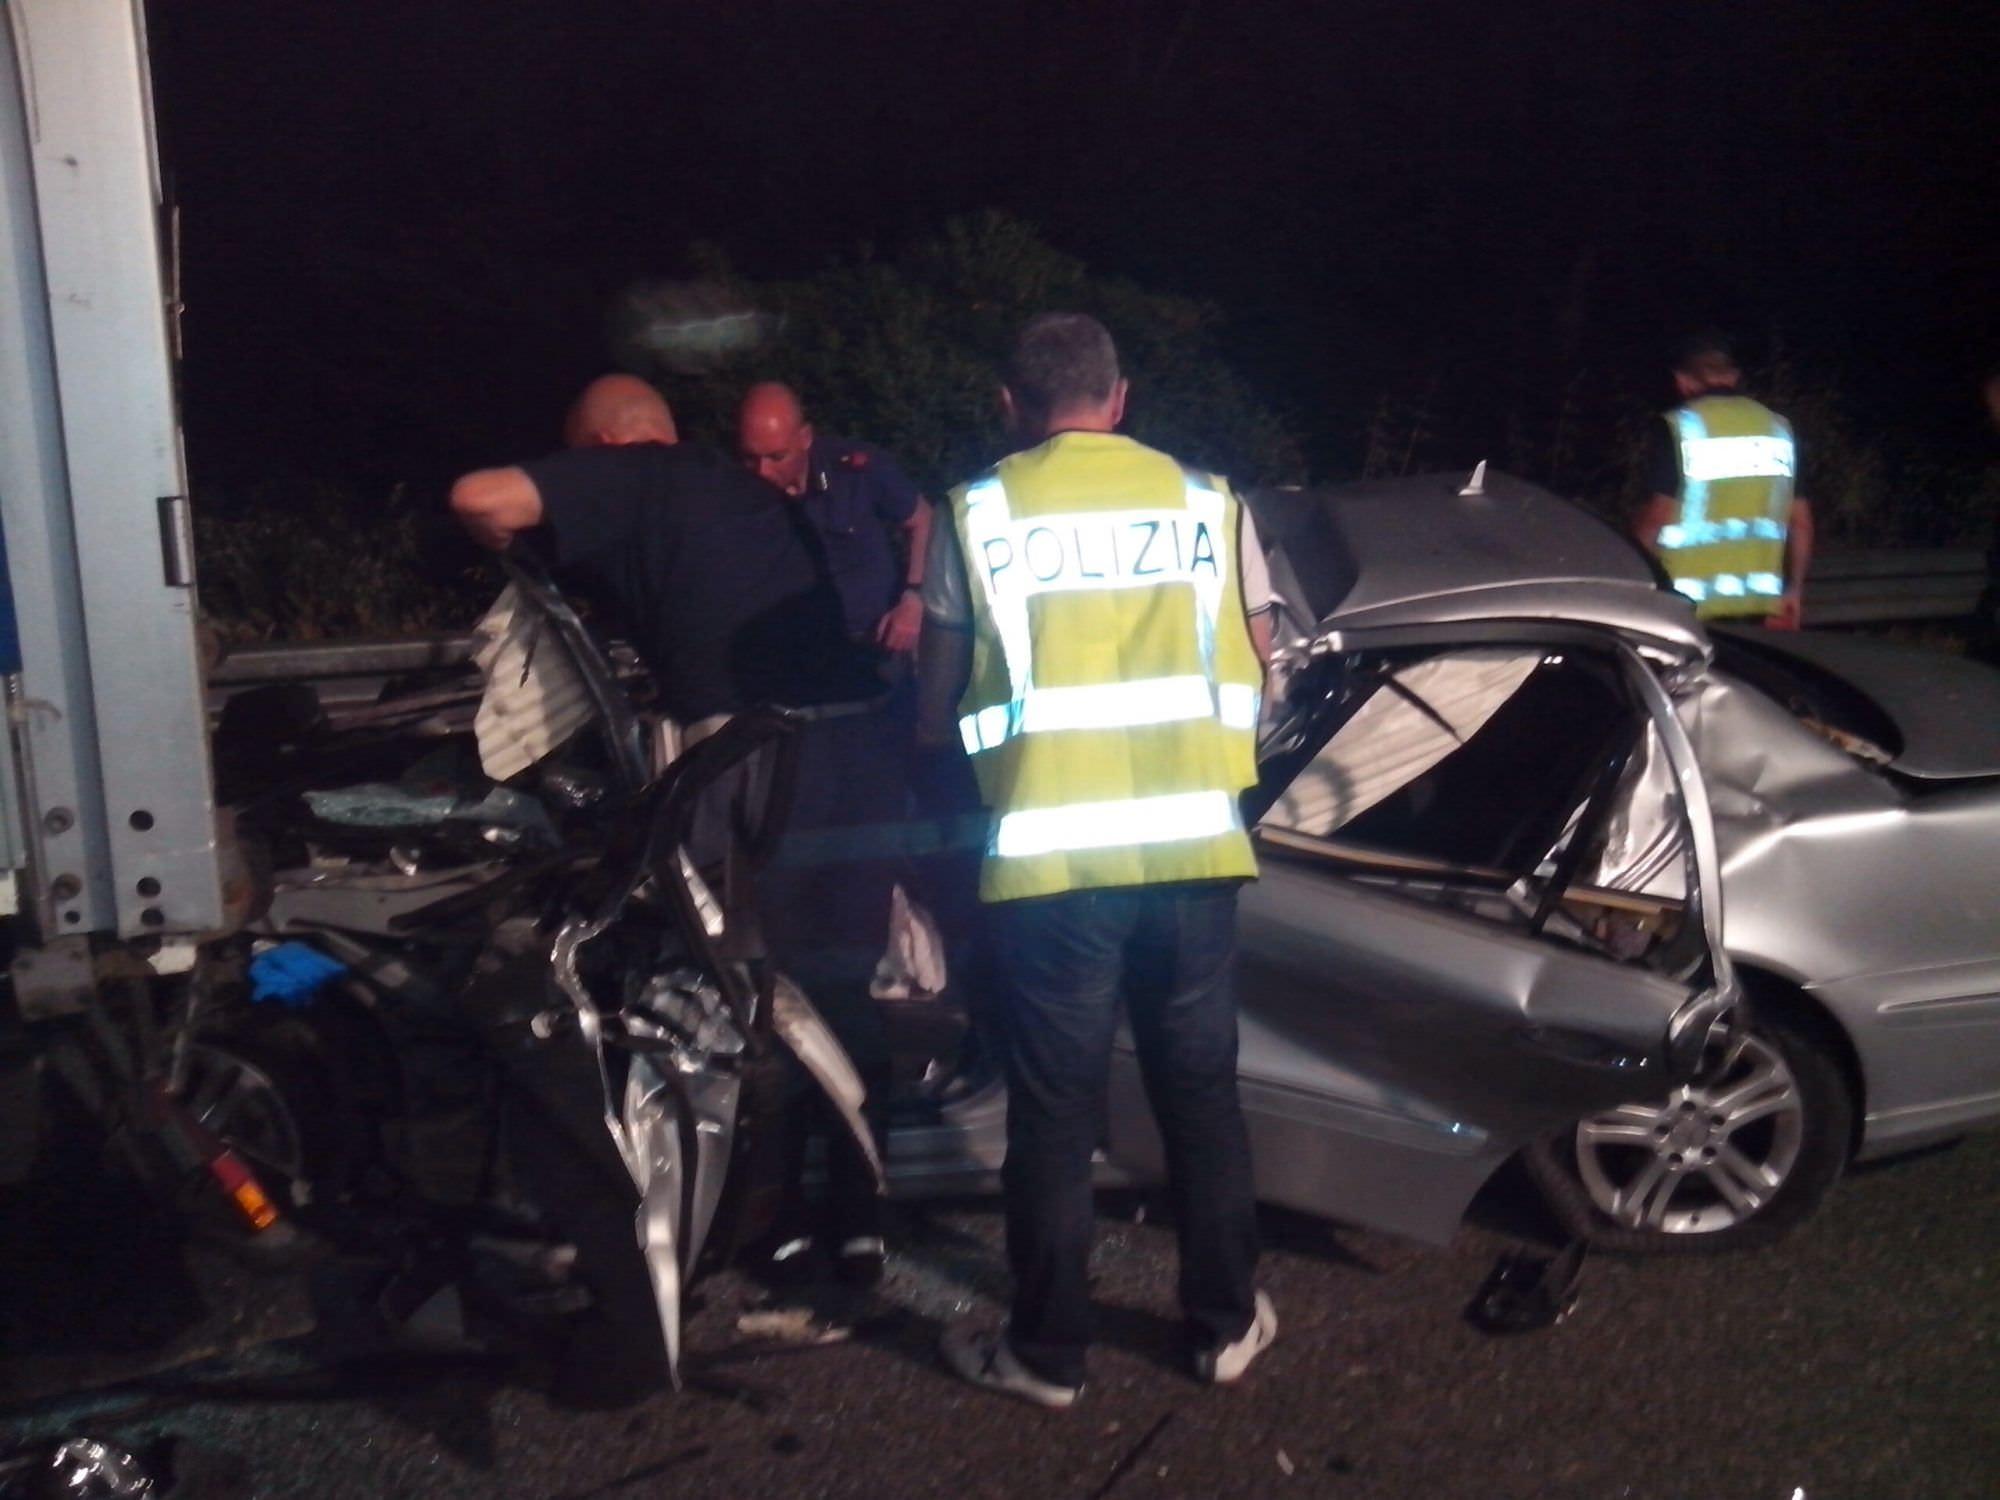 Incidente mortale sull'autostrada. Il video dei soccorritori